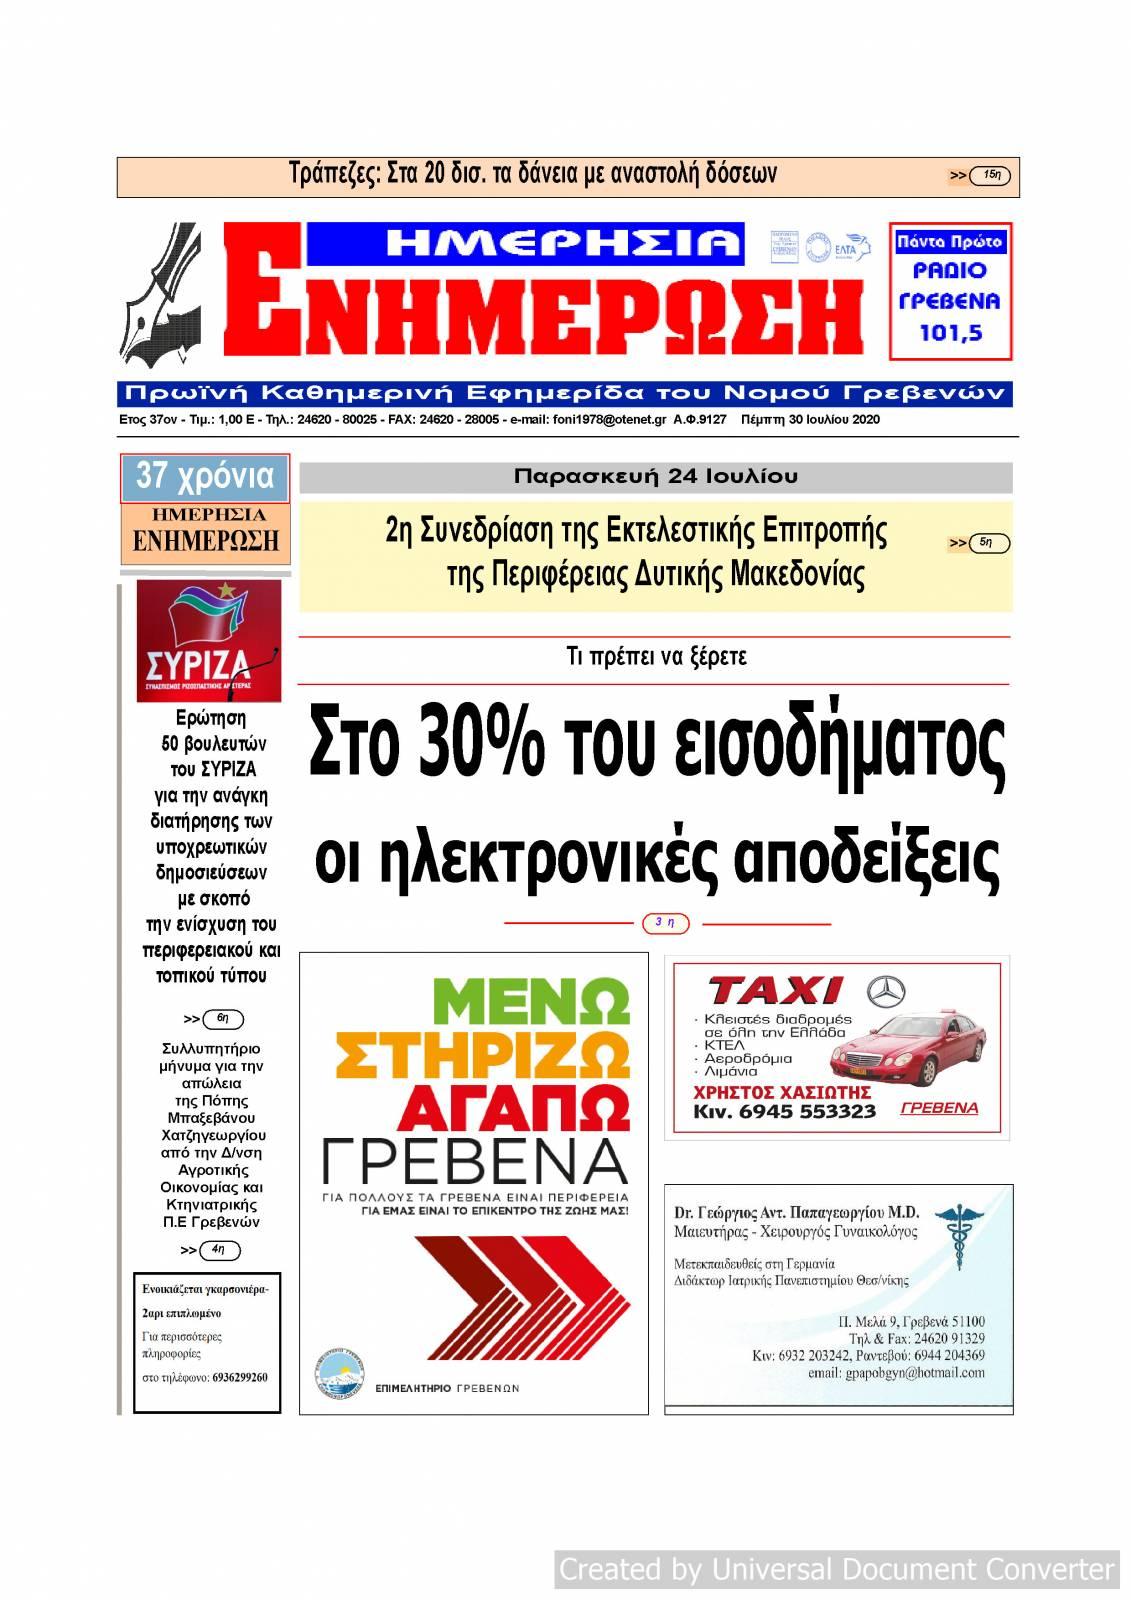 ΗΜΕΡΗΣΙΑ ΕΝΗΜΕΡΩΣΗ 30/07/2020